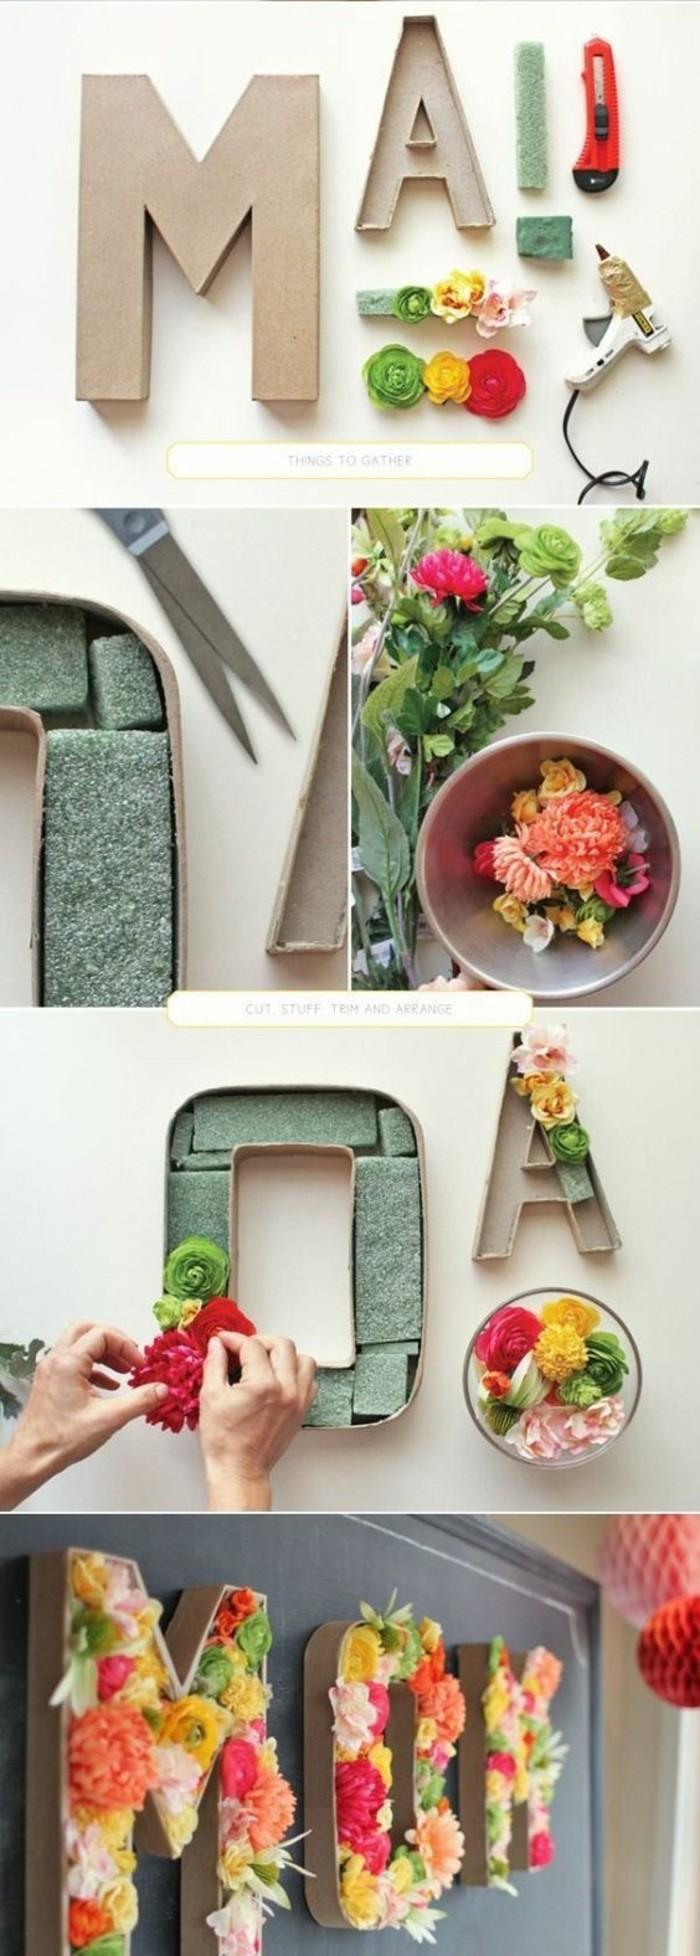 wanddeko-selber-machen-fruhlingsdeko-basteln-buchtaben-mit-blumen-dekorieren